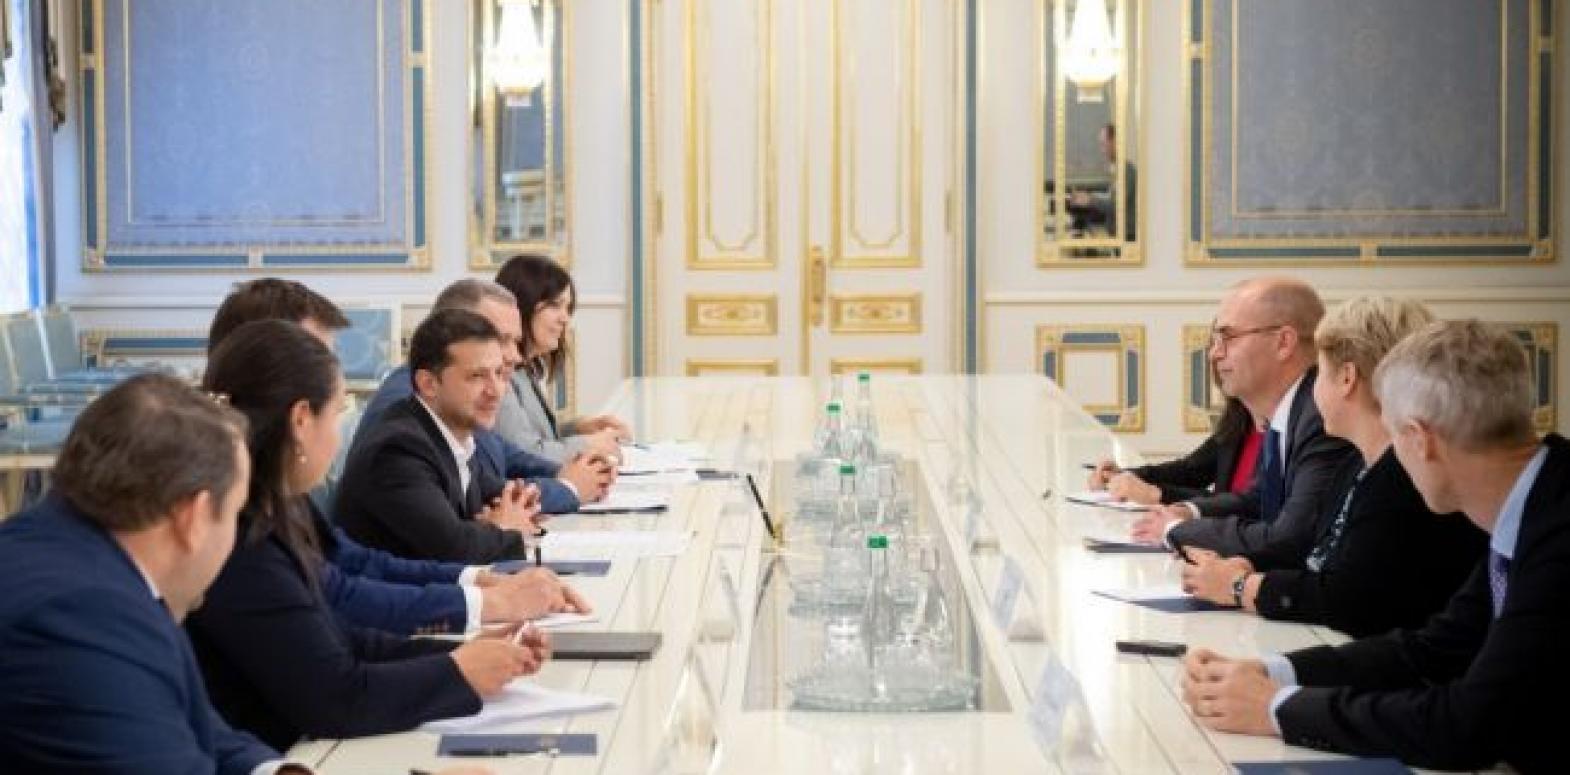 Зеленский встретился с представителями МВФ в Украине